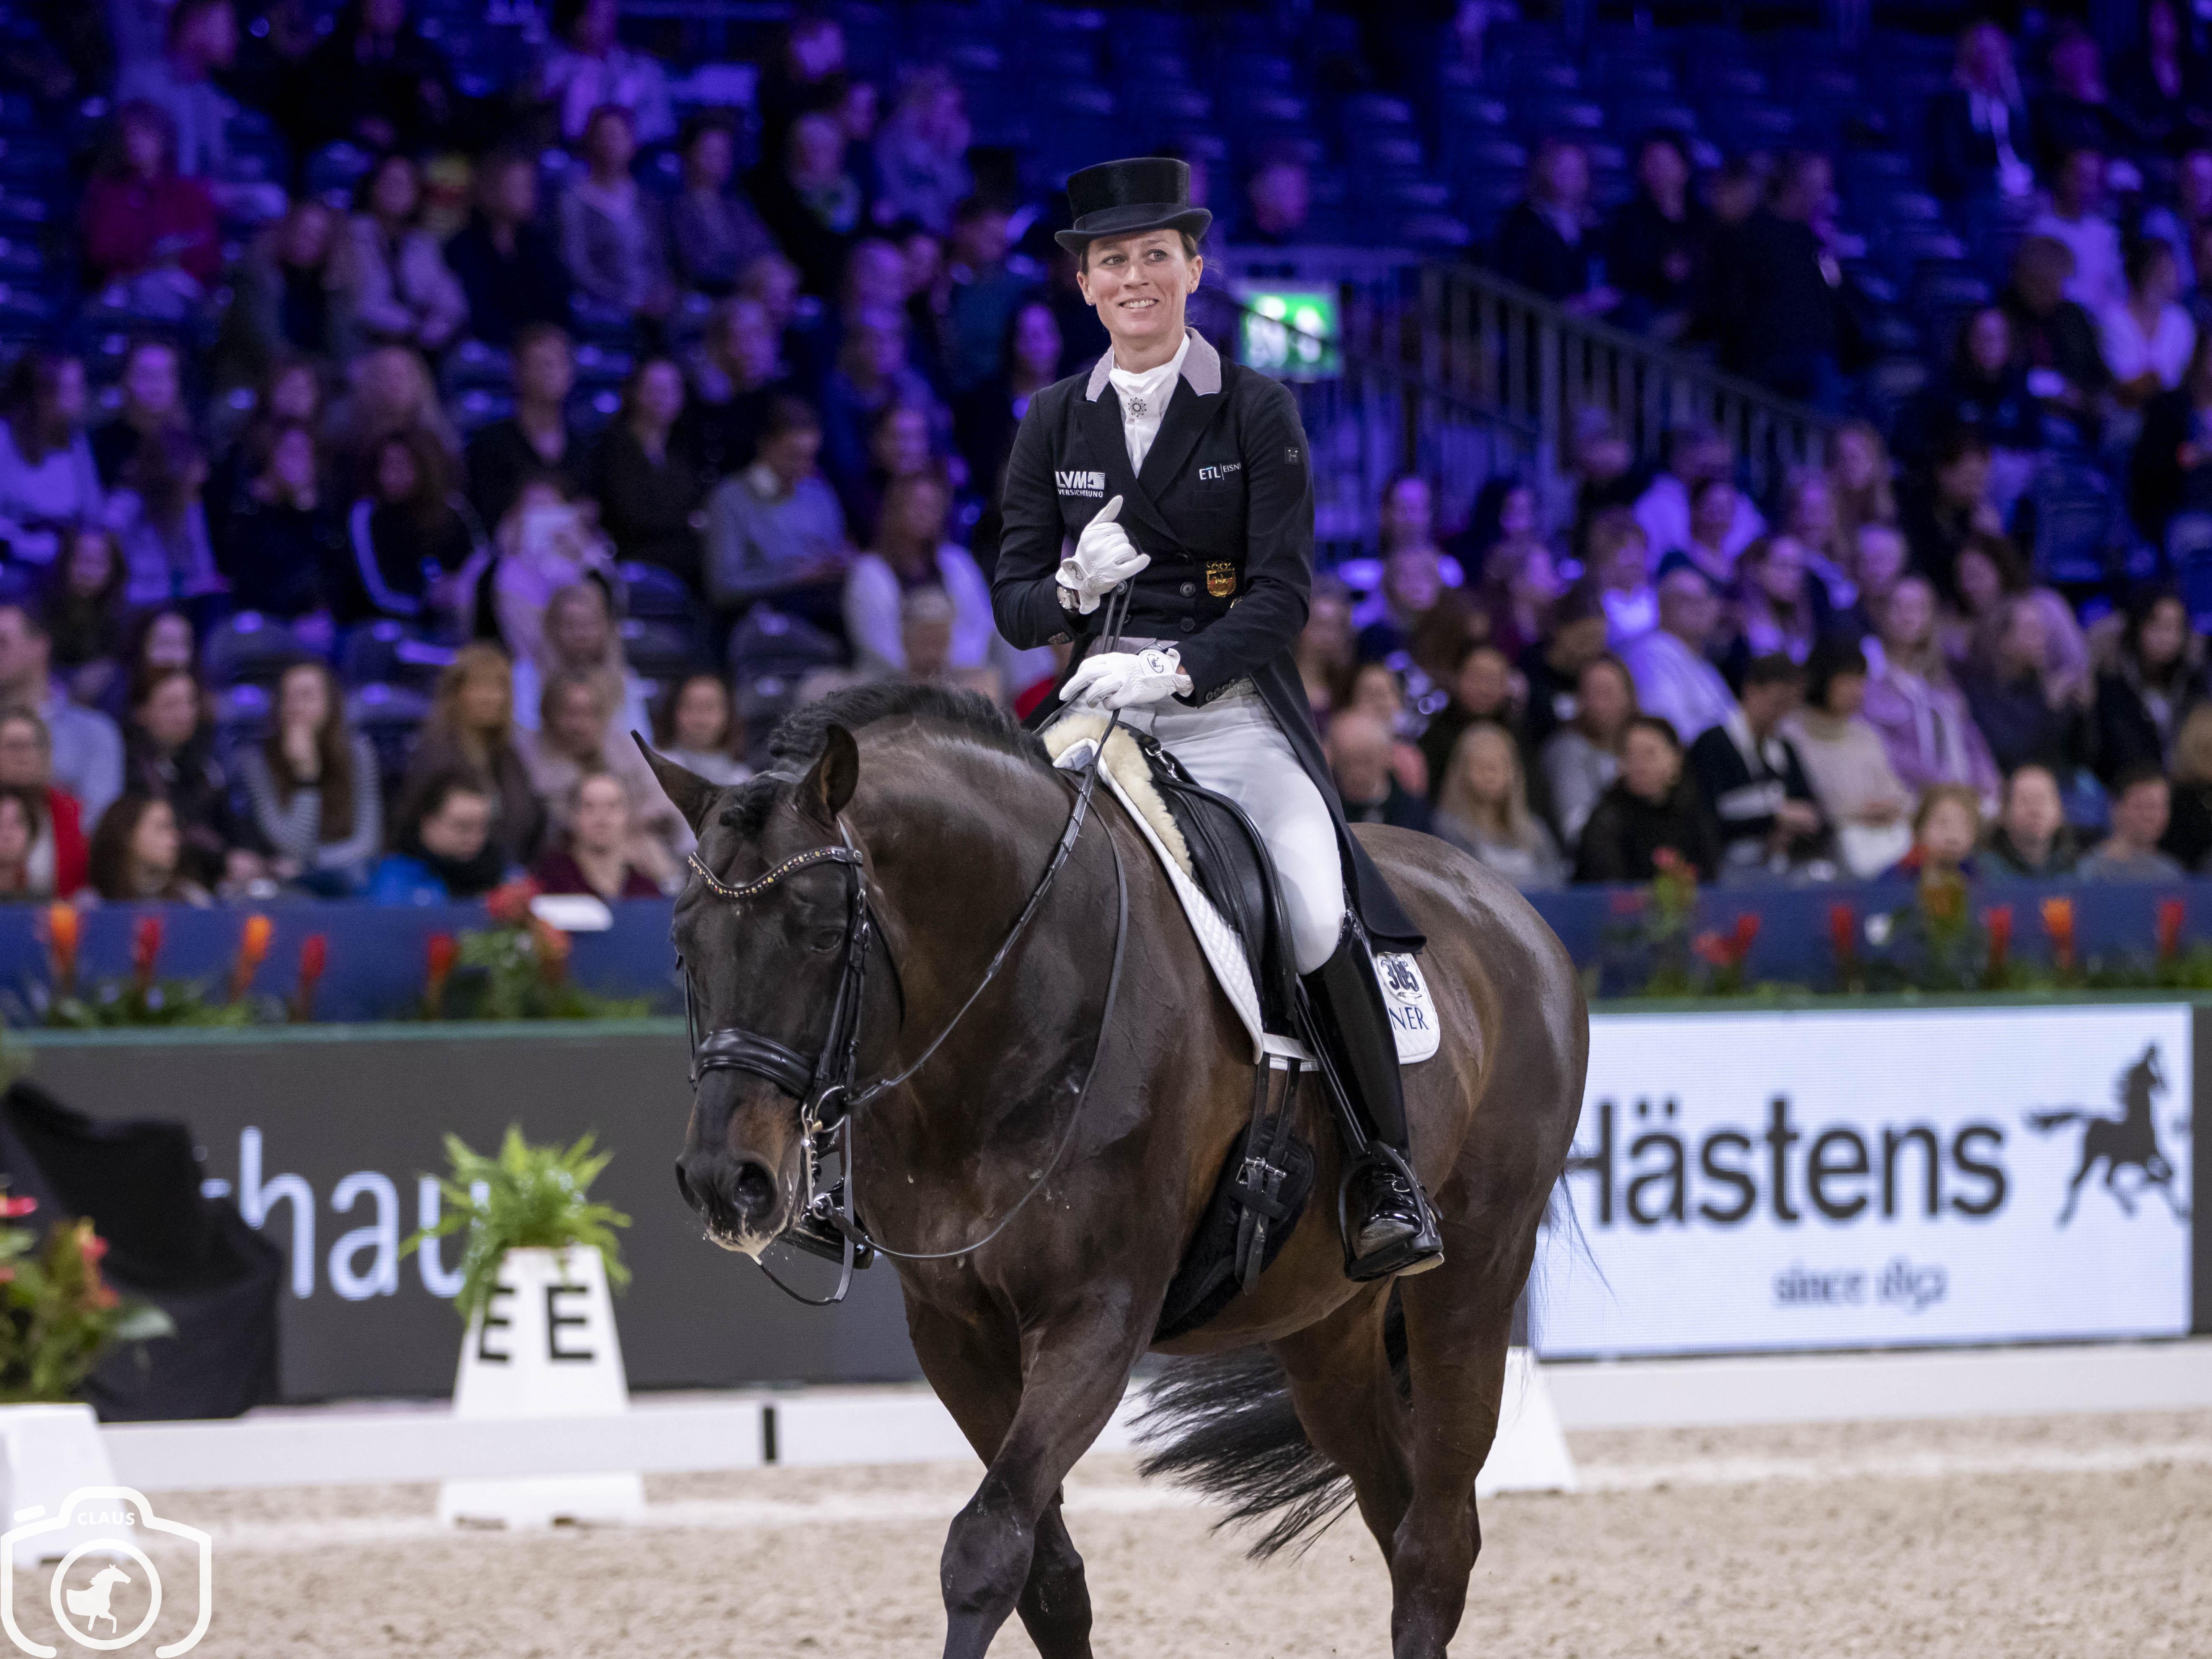 Petra van Esch moet enkel Helen Langehanenberg voor laten gaan in Prix ST Georges Neumunster